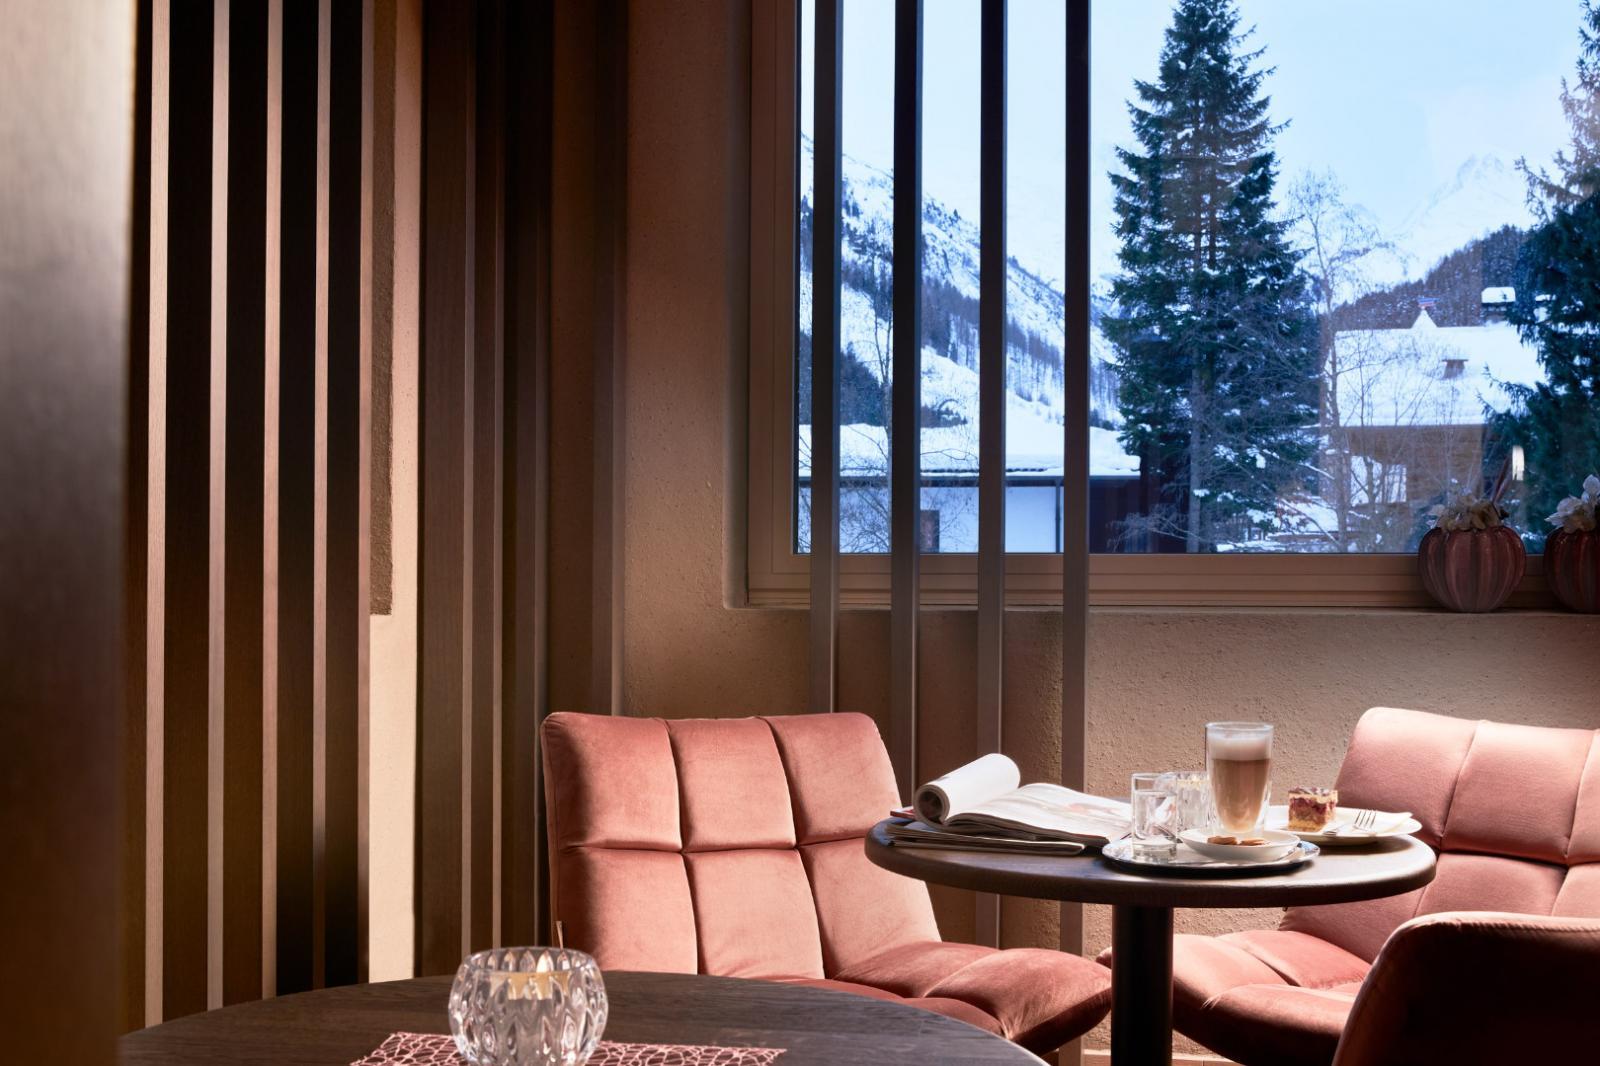 Kieselerde: Foto vom Wellnesshotel Adler Inn - Tyrol Mountain Resort | Wellness Tirol